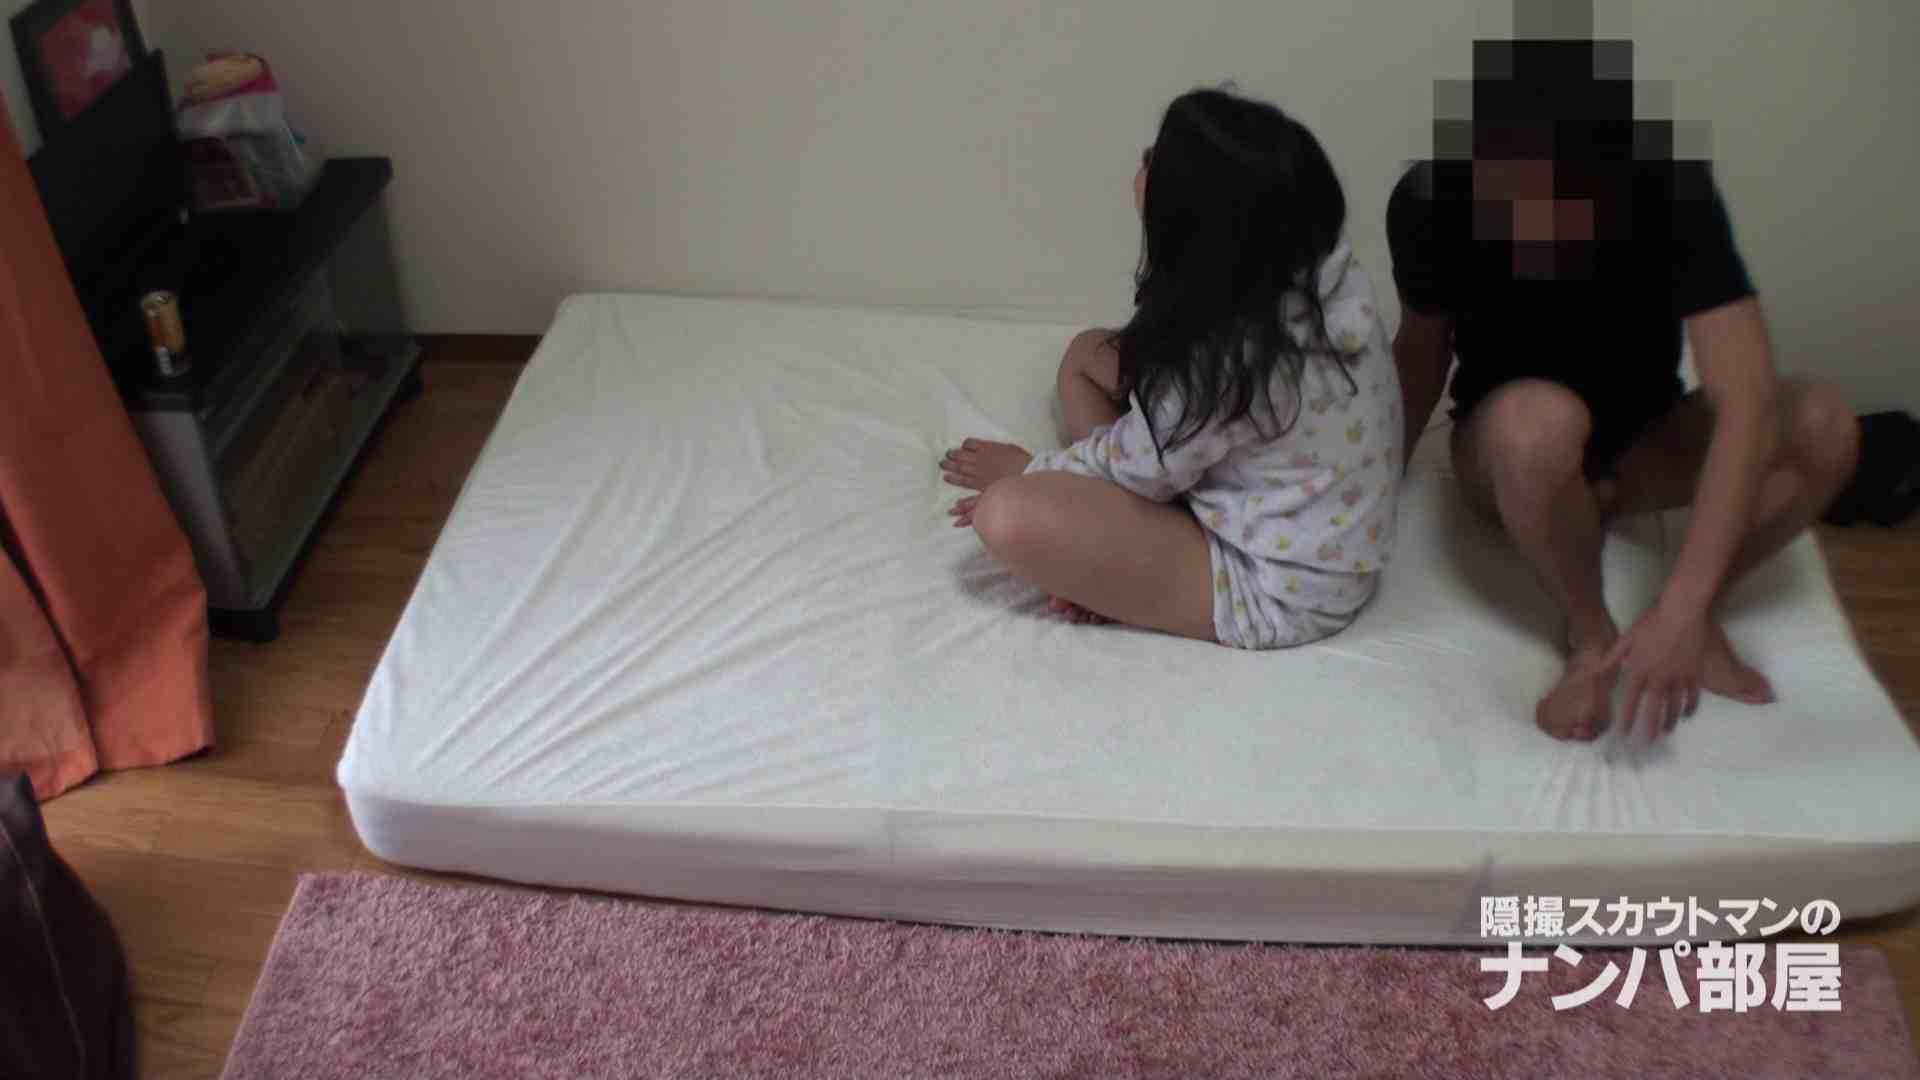 隠撮スカウトマンのナンパ部屋~風俗デビュー前のつまみ食い~hanavol.3 ギャル達のSEX   隠撮  95画像 72